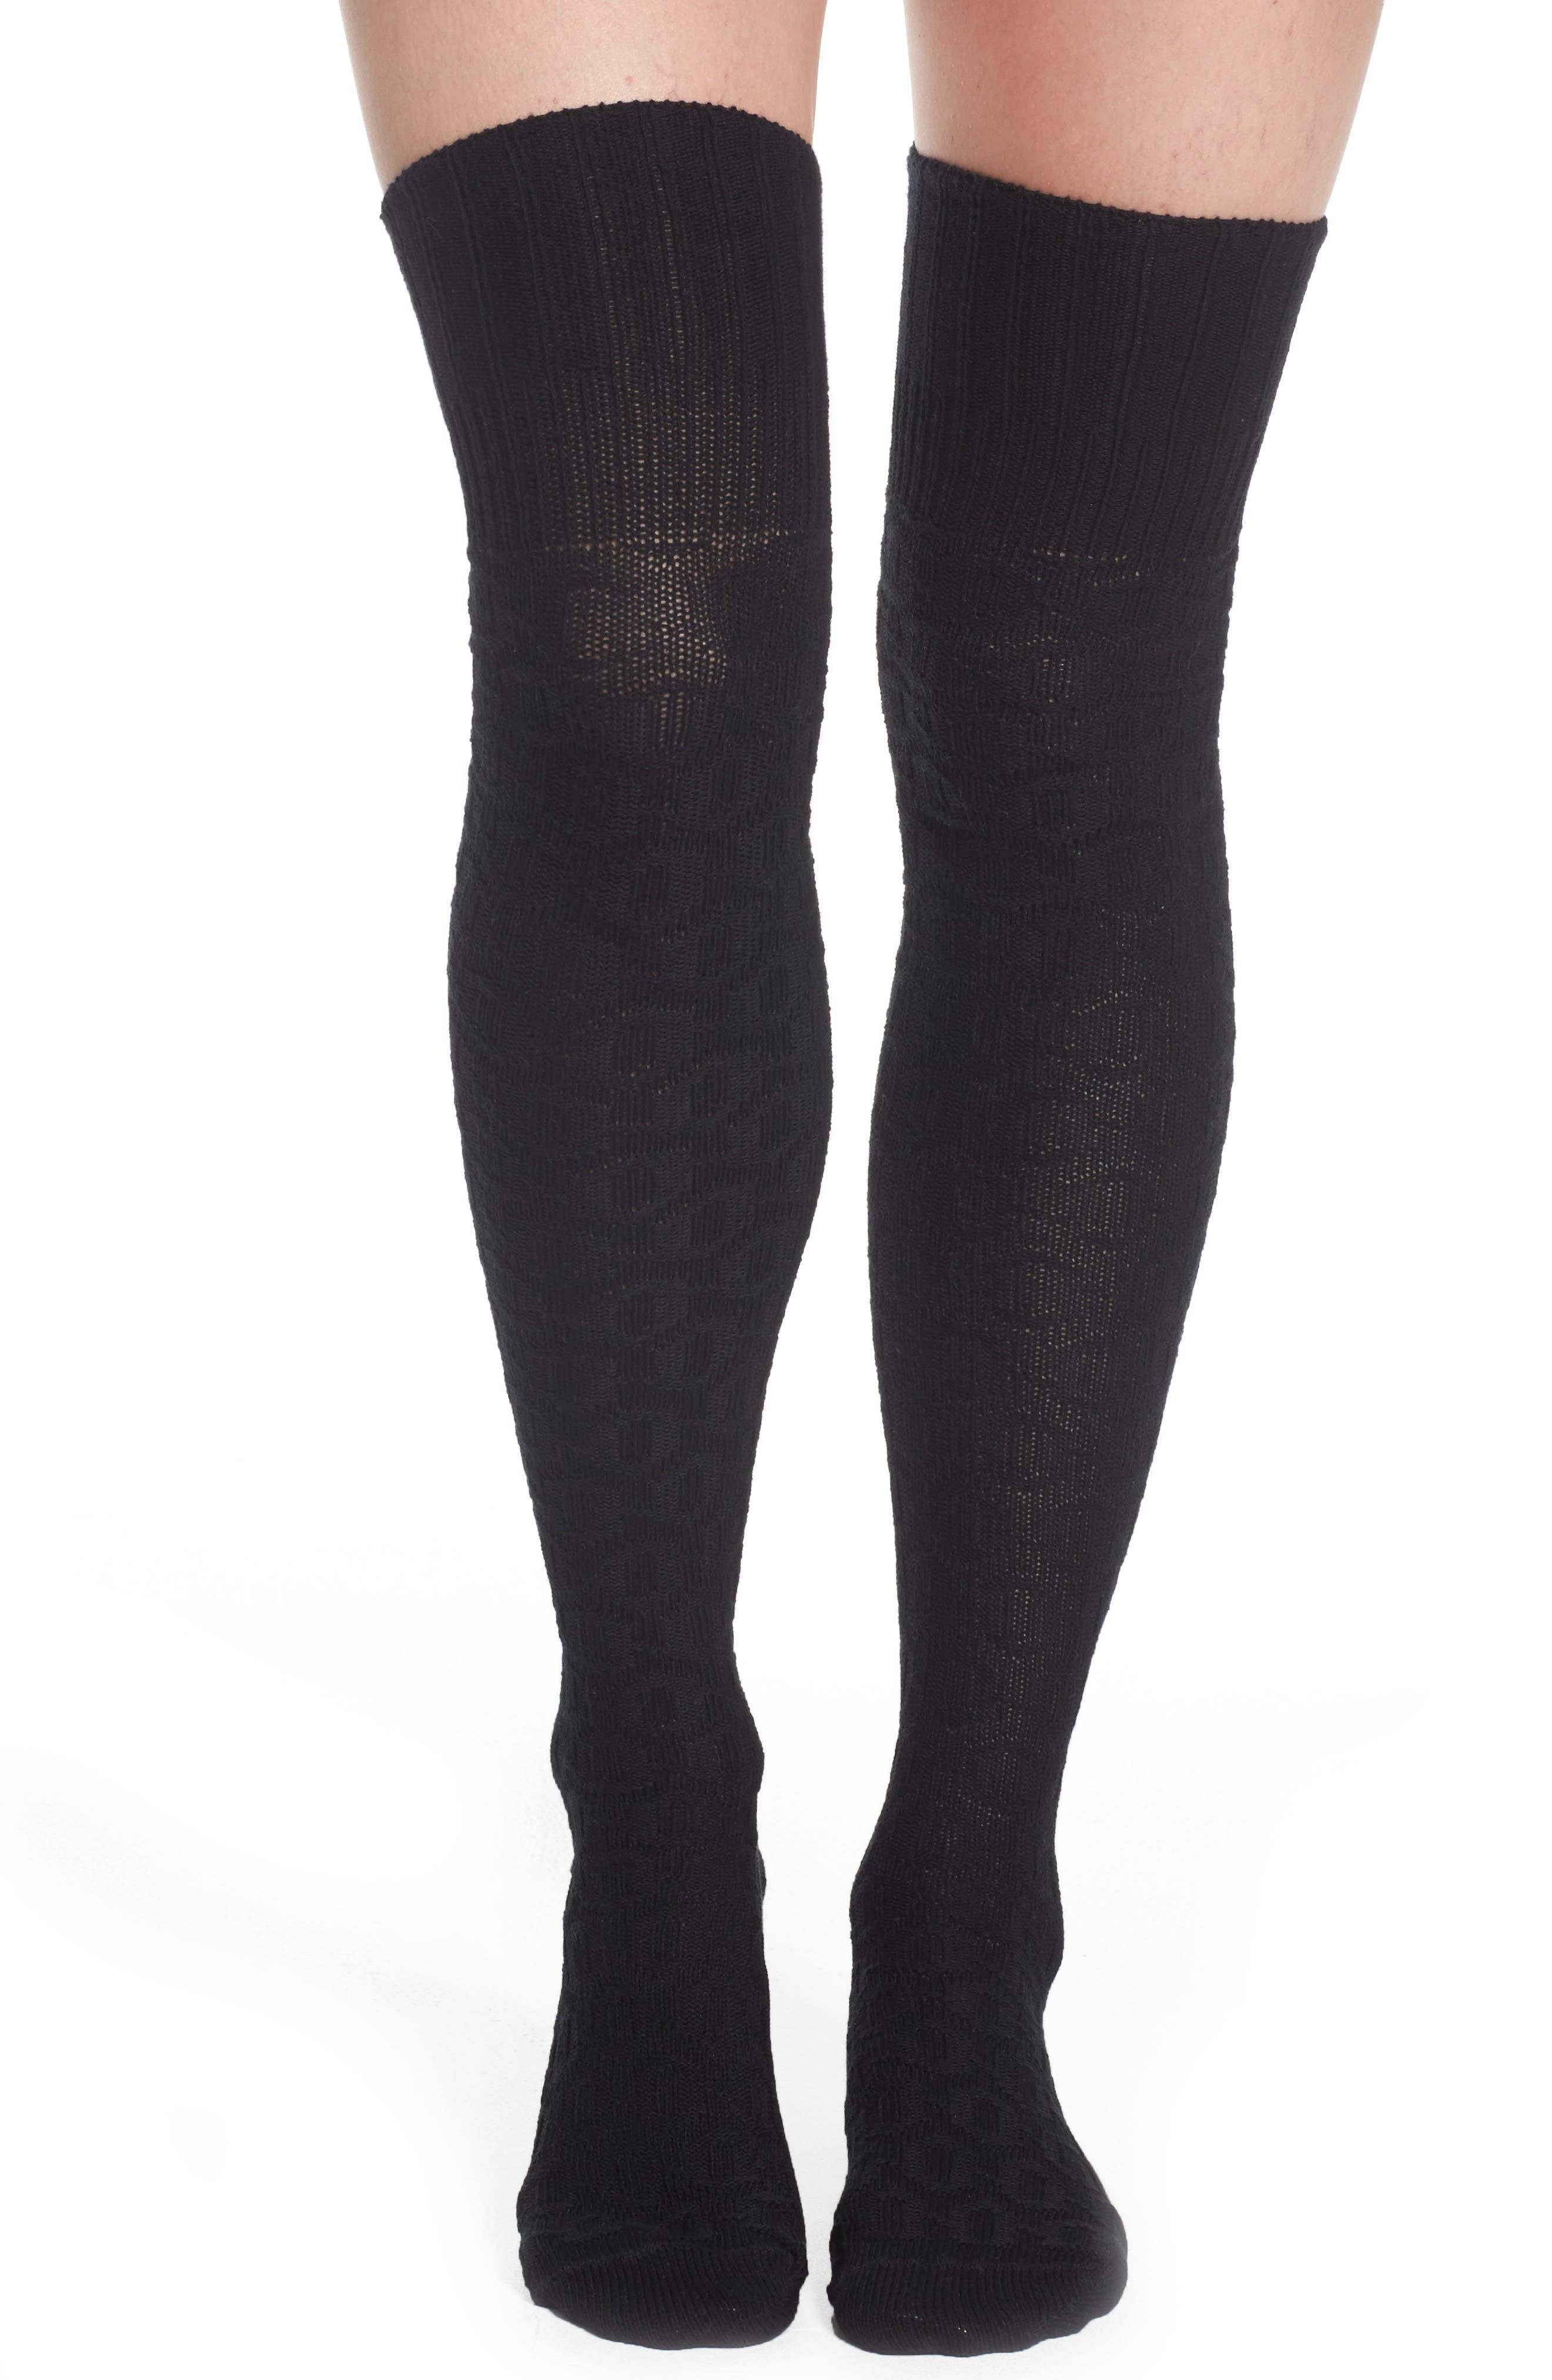 Treasure & Bond Textured Knit over the Knee Socks